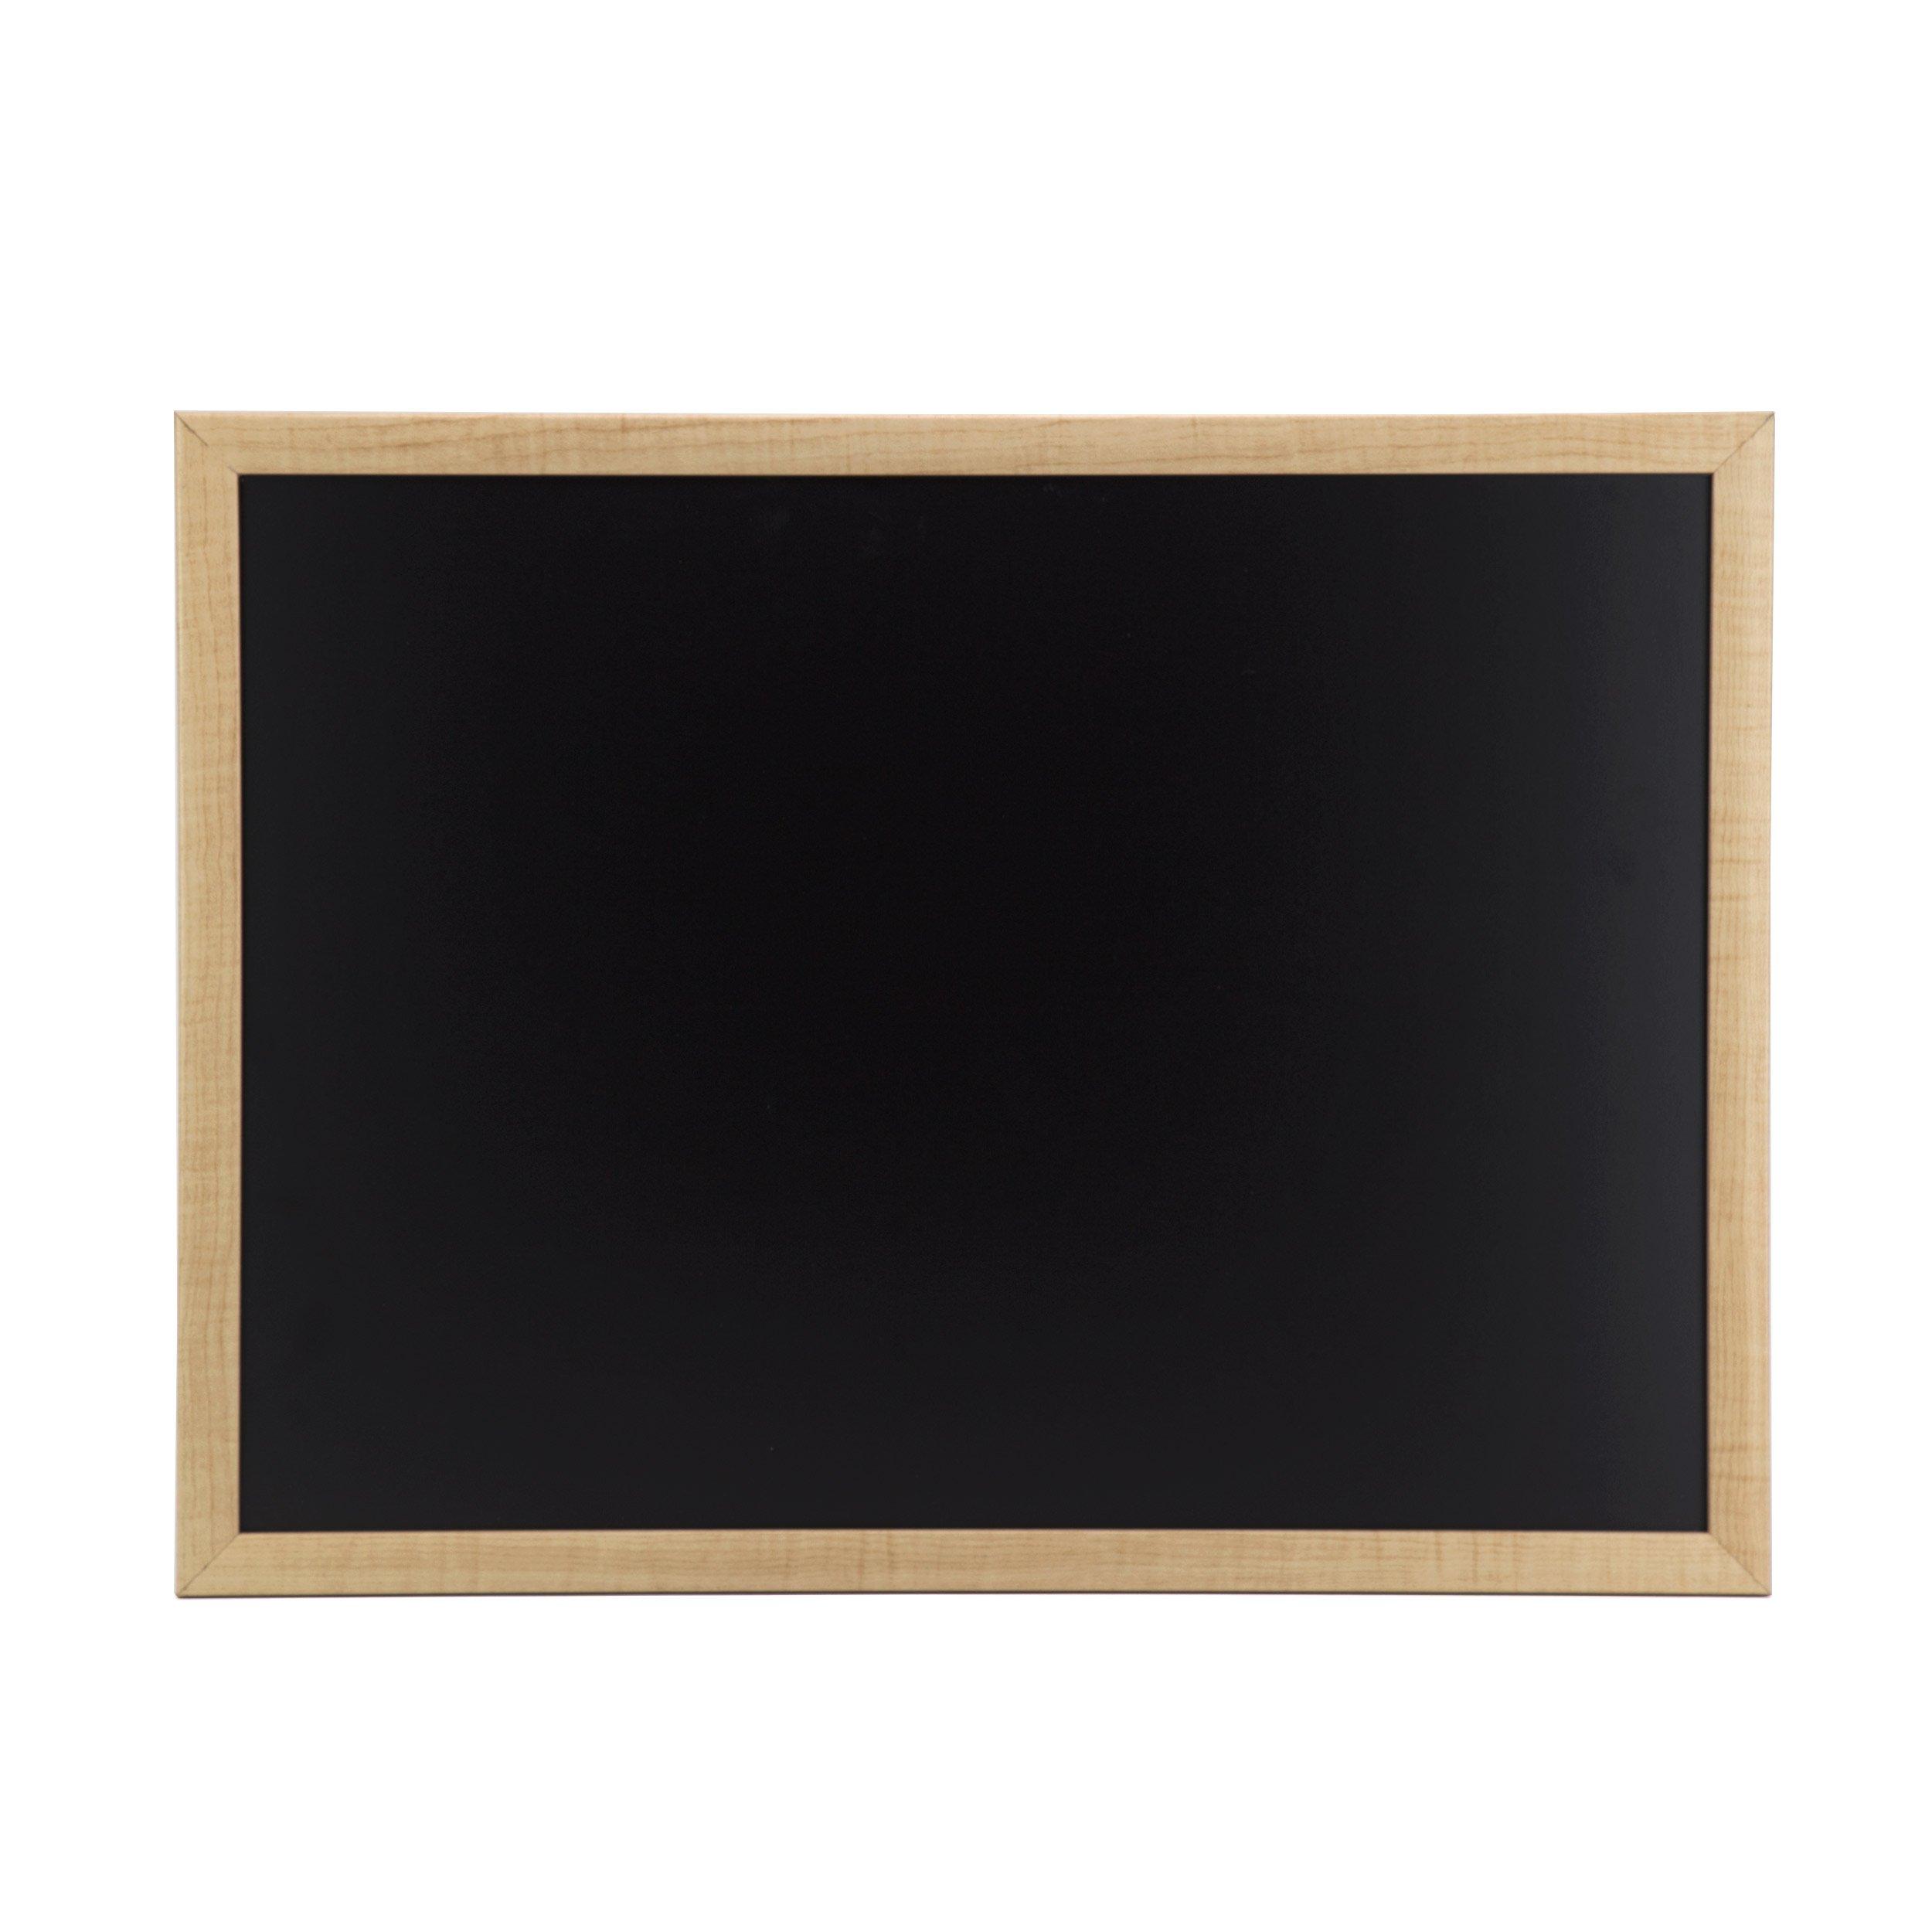 U Brands Chalkboard, 23 x 17 Inches, Oak Frame